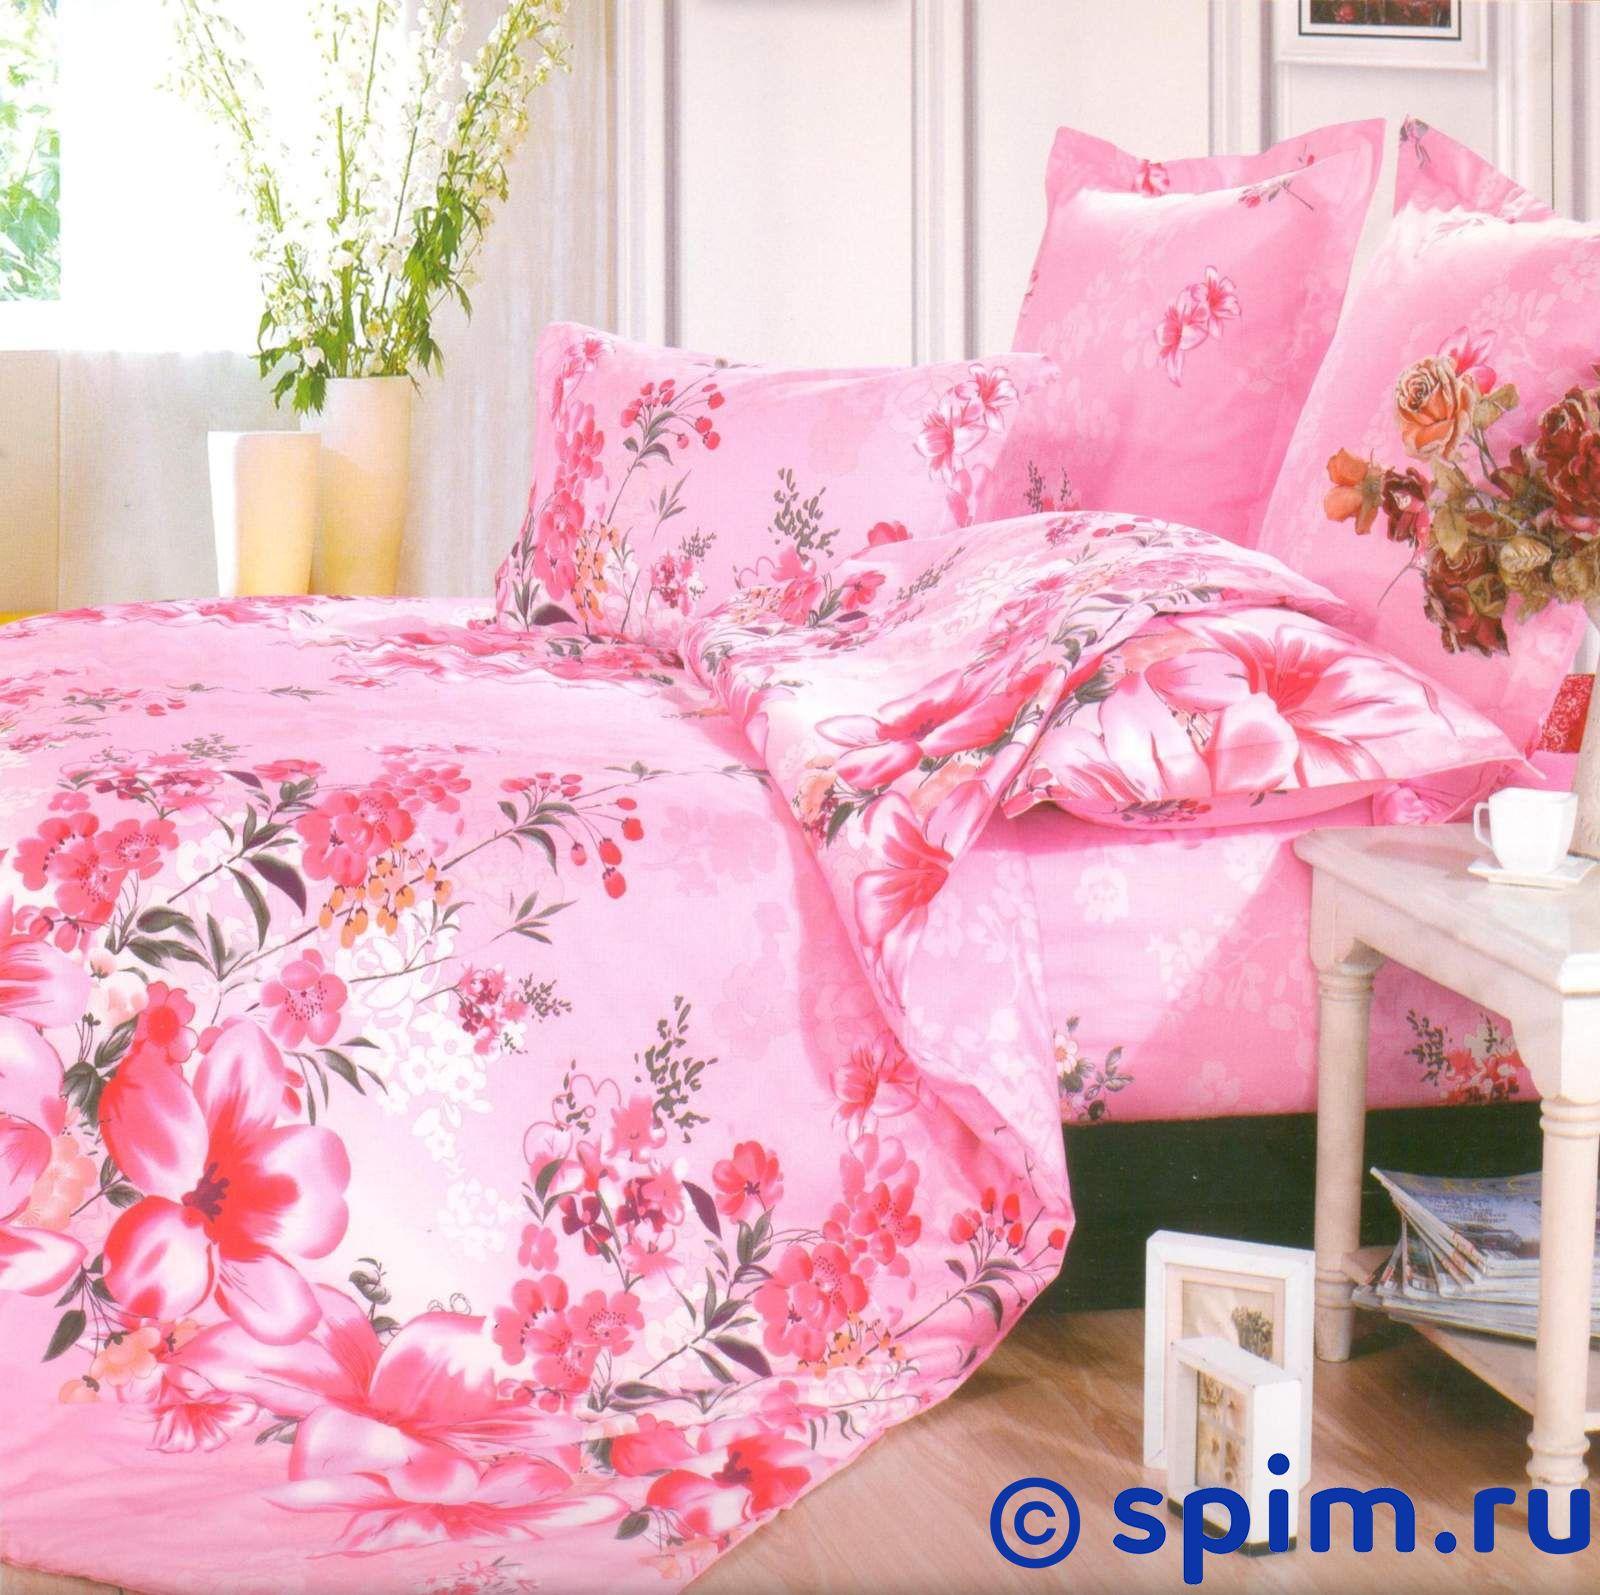 Комплект СайлиД В128 1.5 спальное